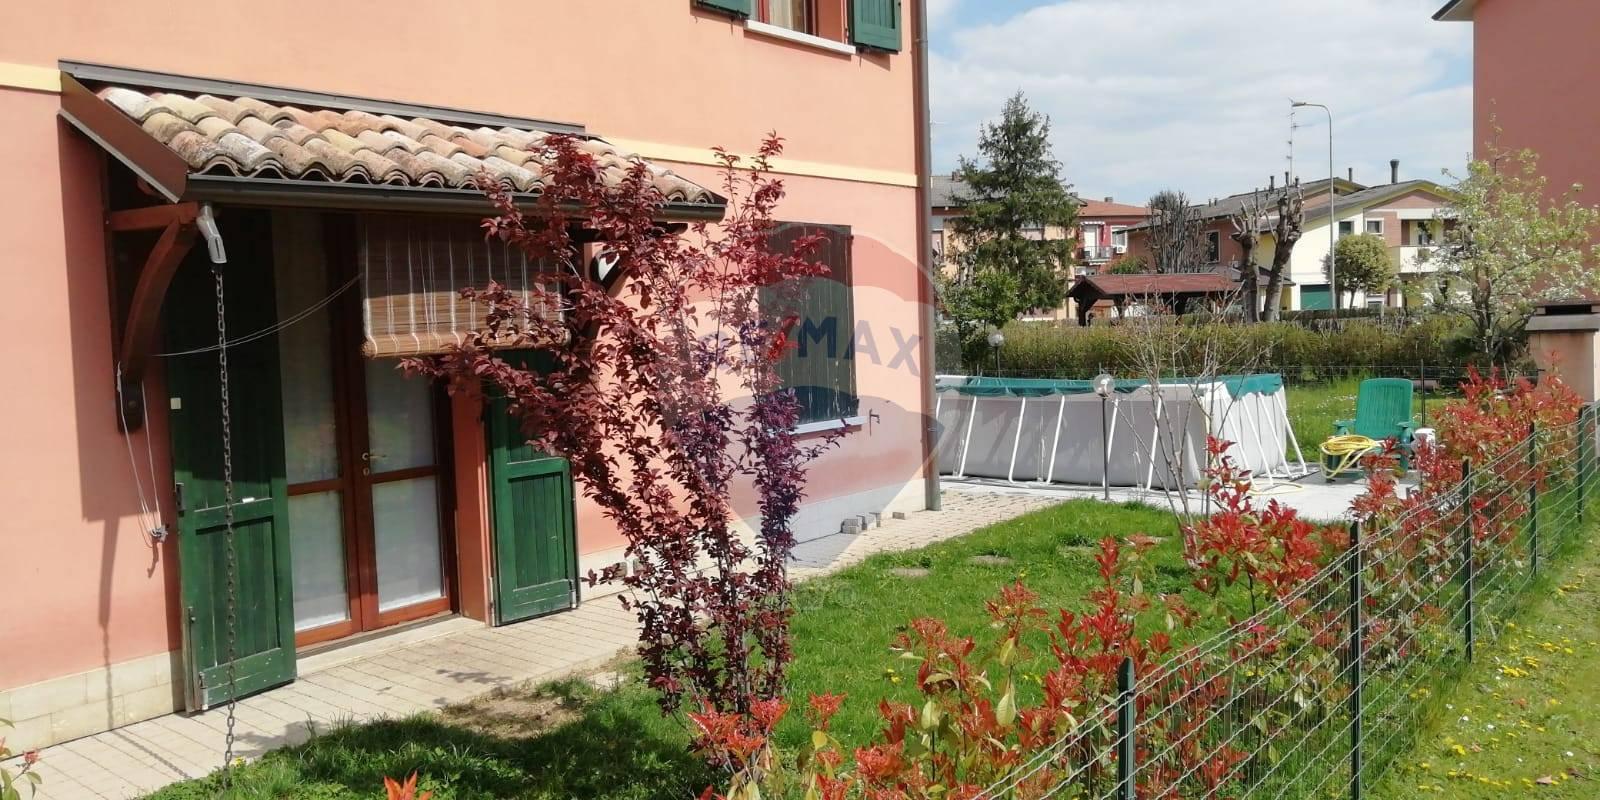 Appartamento in vendita a Sant'Ilario d'Enza, 3 locali, zona Zona: Calerno, prezzo € 140.000 | CambioCasa.it